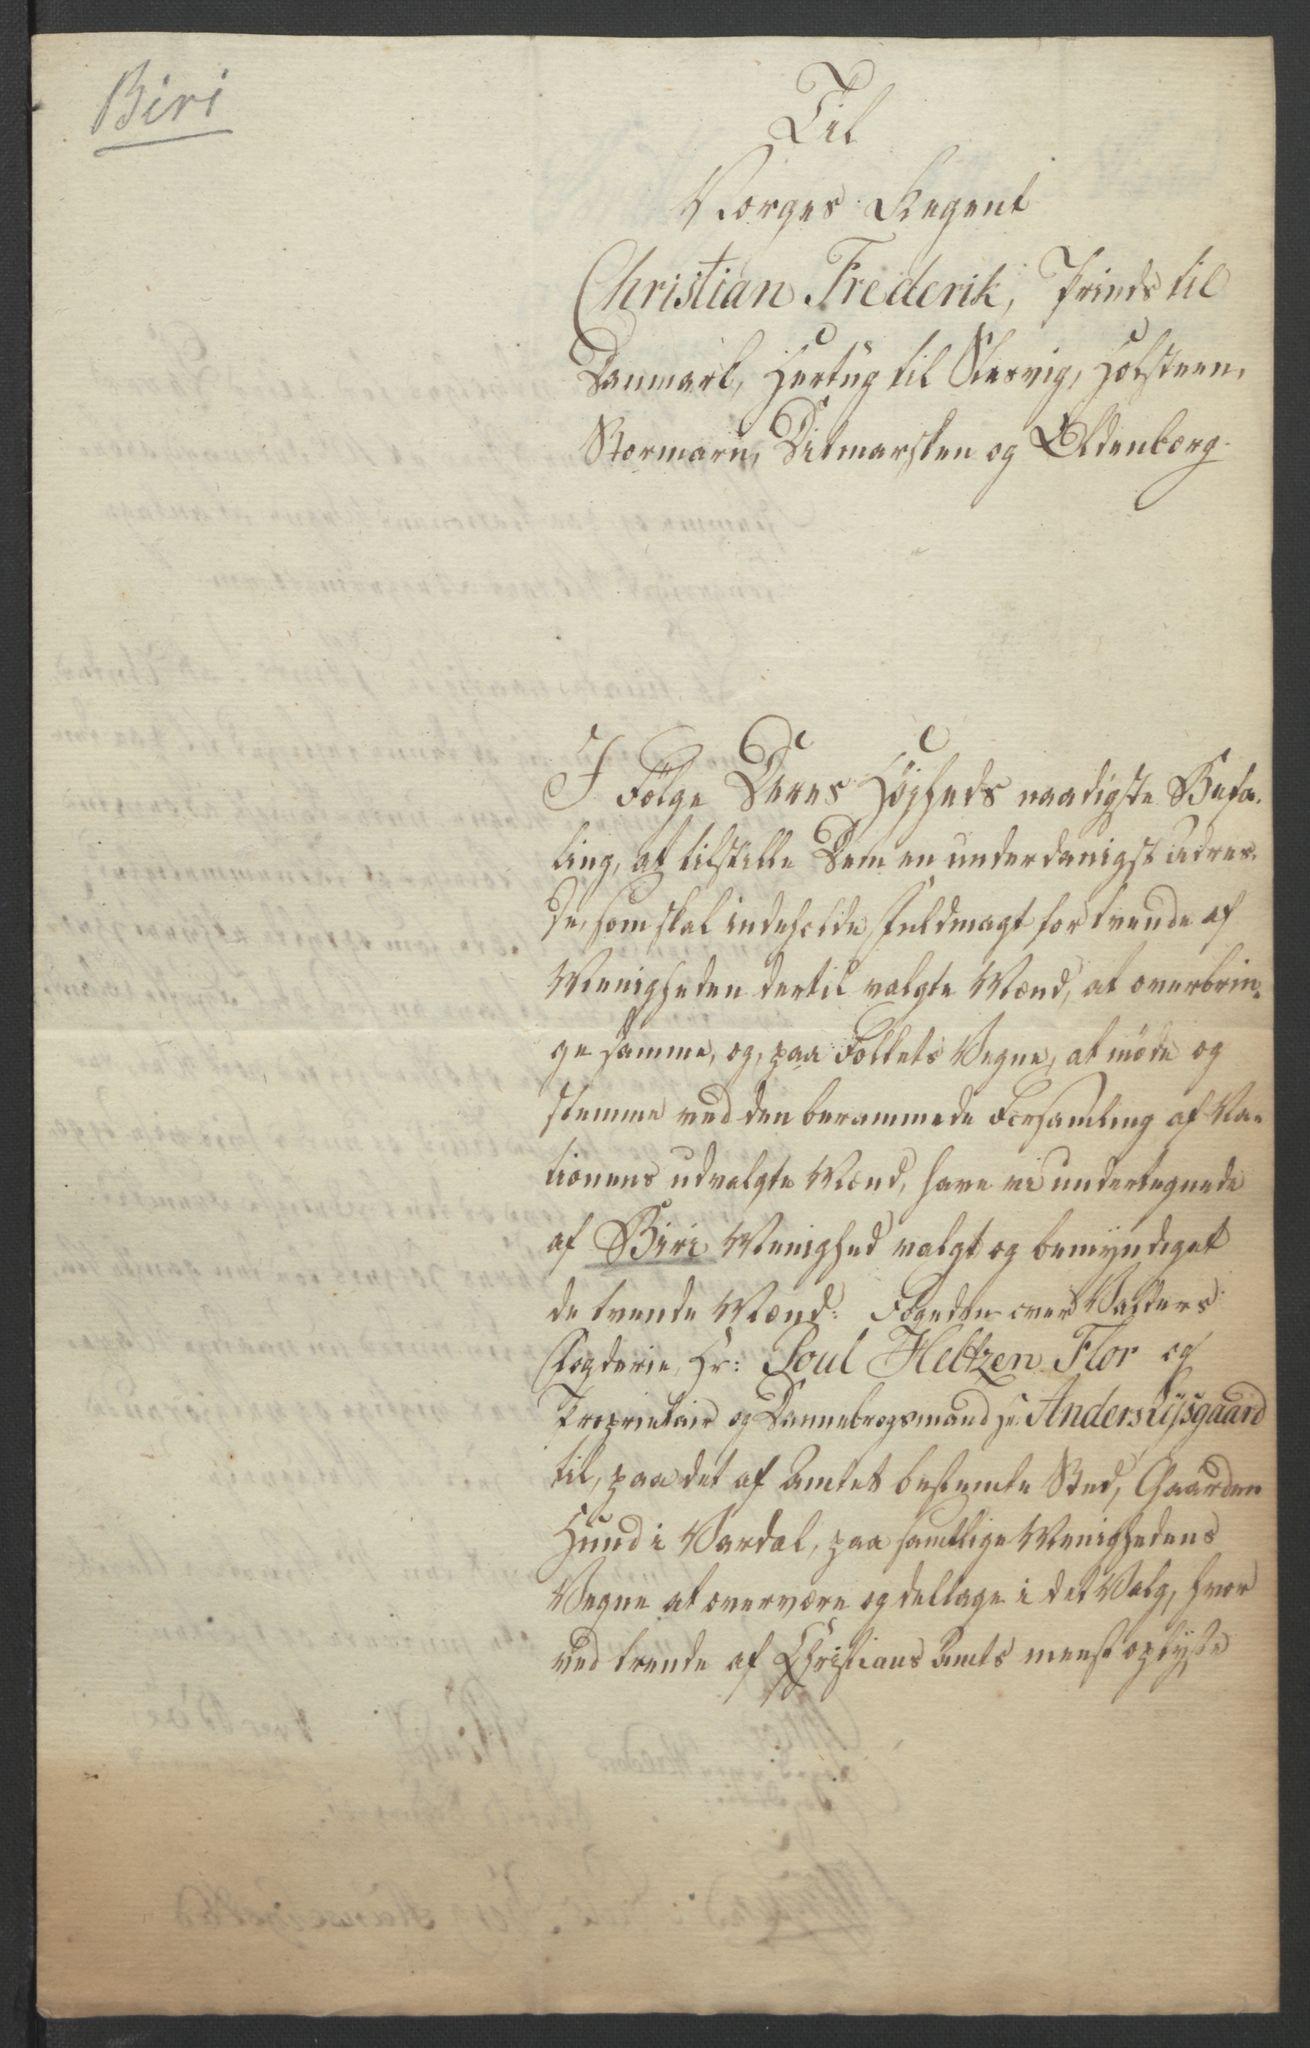 RA, Statsrådssekretariatet, D/Db/L0007: Fullmakter for Eidsvollsrepresentantene i 1814. , 1814, s. 251